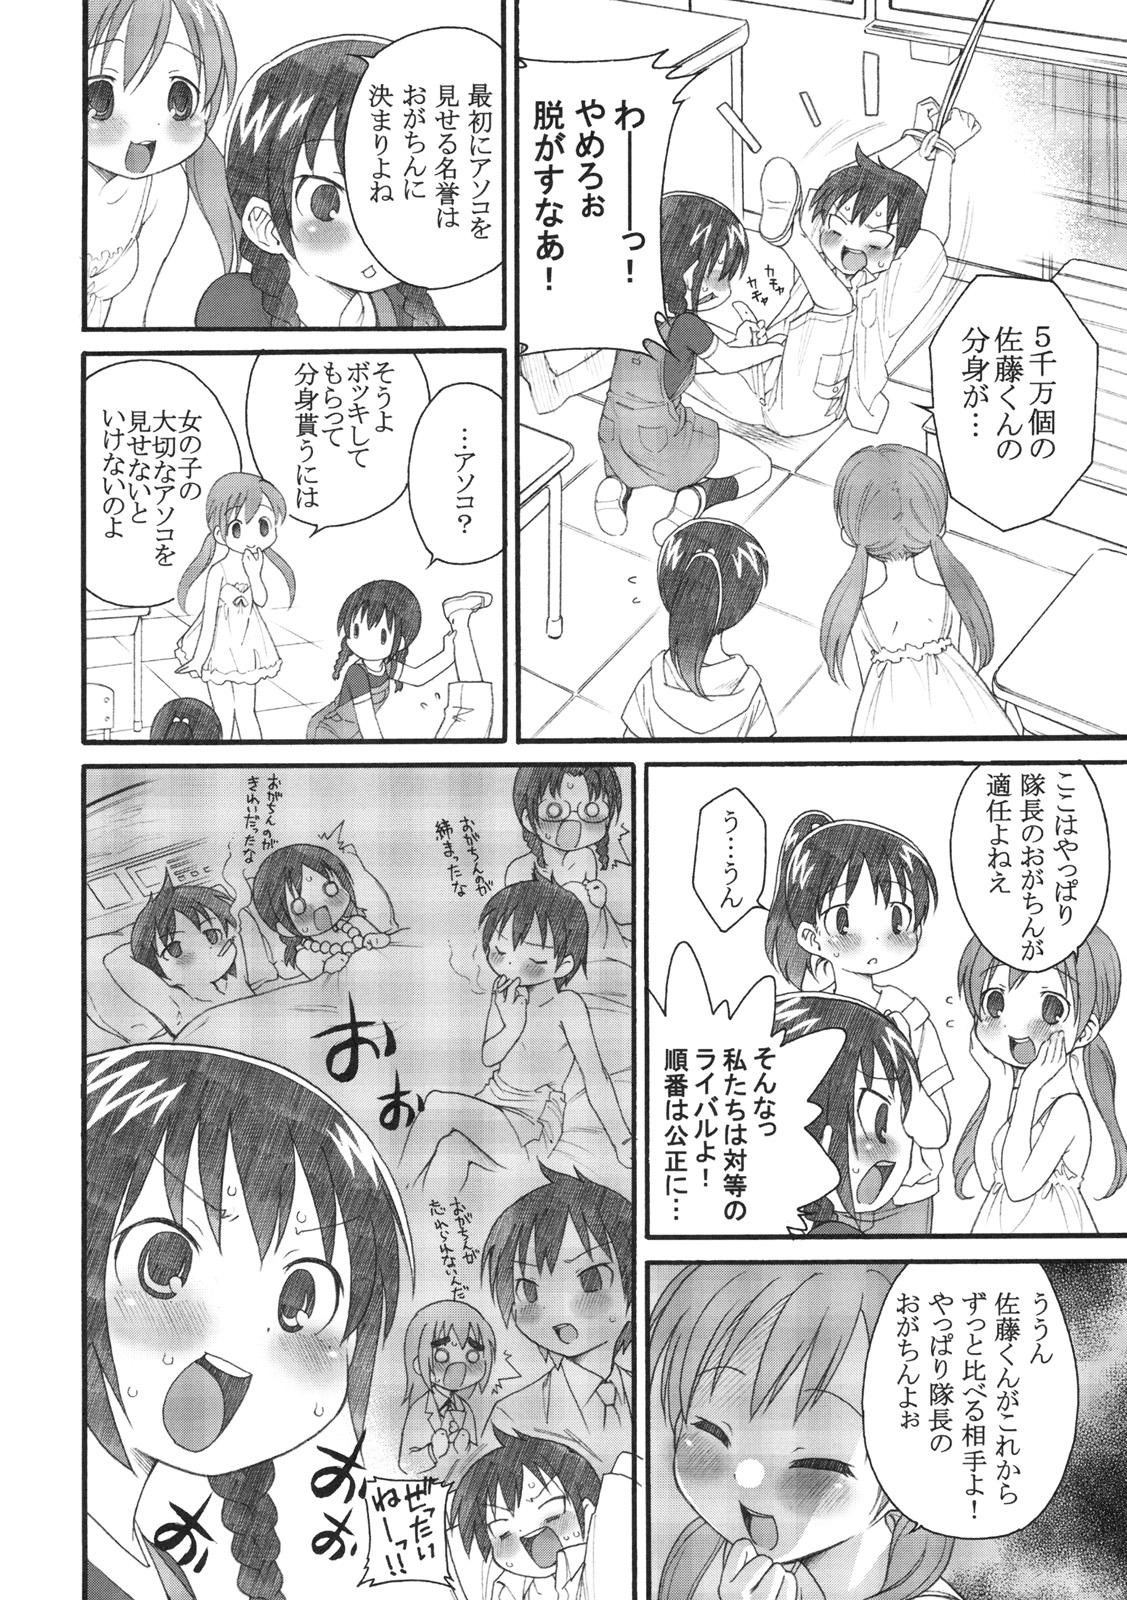 S ga Suki de Shouganai-tai 2